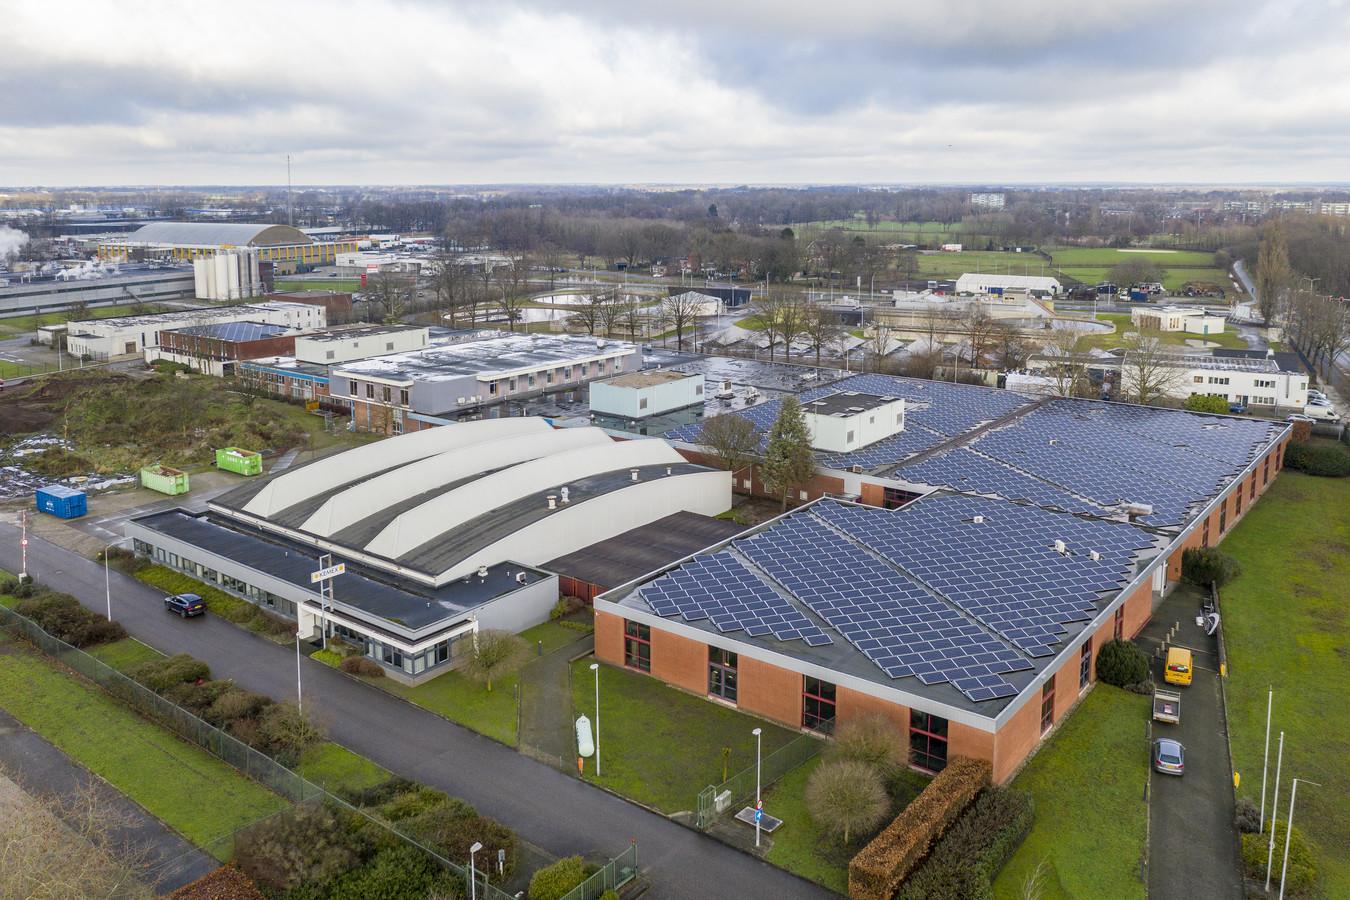 Het dak van de nieuwe Waterstof Hub Twente in het voormalige pand van Sensata ligt al vol met zonnepanelen voor de opwekking van waterstof.